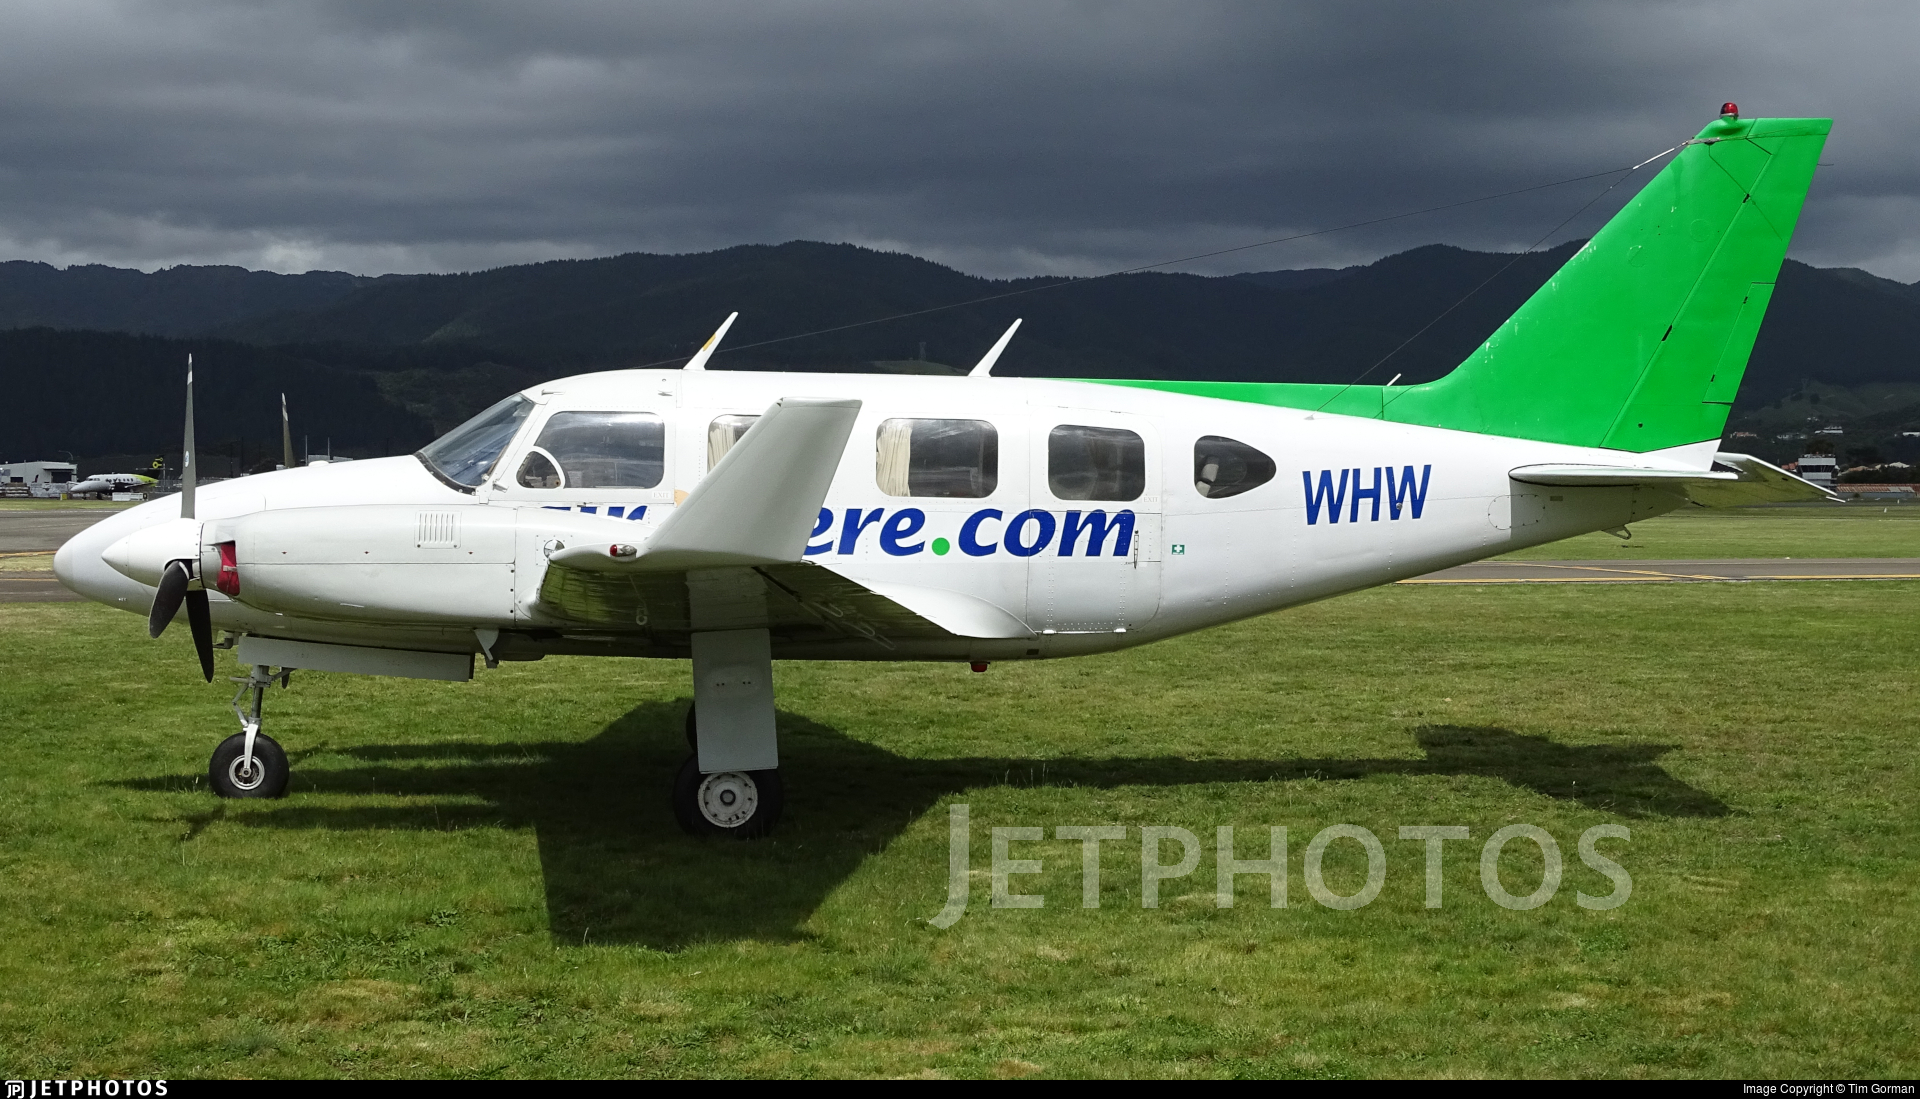 ZK-WHW - Piper PA-31-310 Navajo - Private